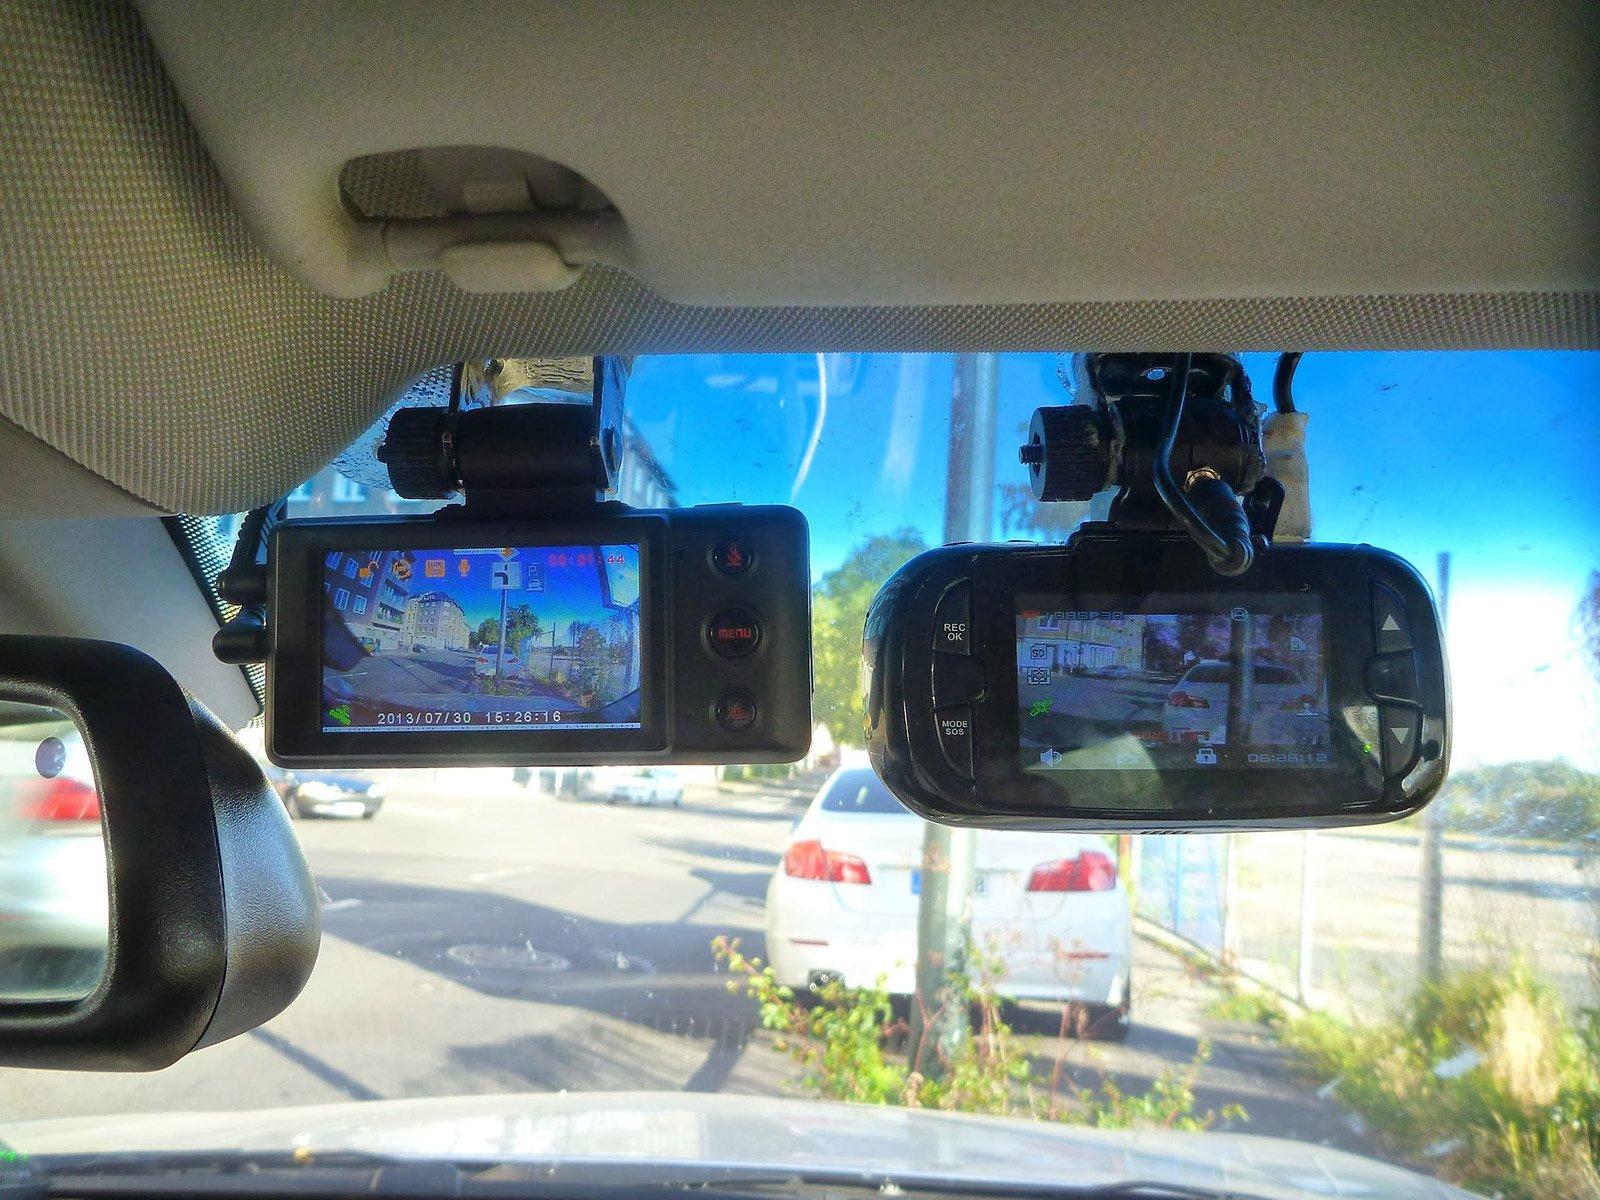 Eine Dashcam-Aufzeichnung als Beweismittel im Unfallprozess kann verwertbar sein. (Foto: Wikipedia)